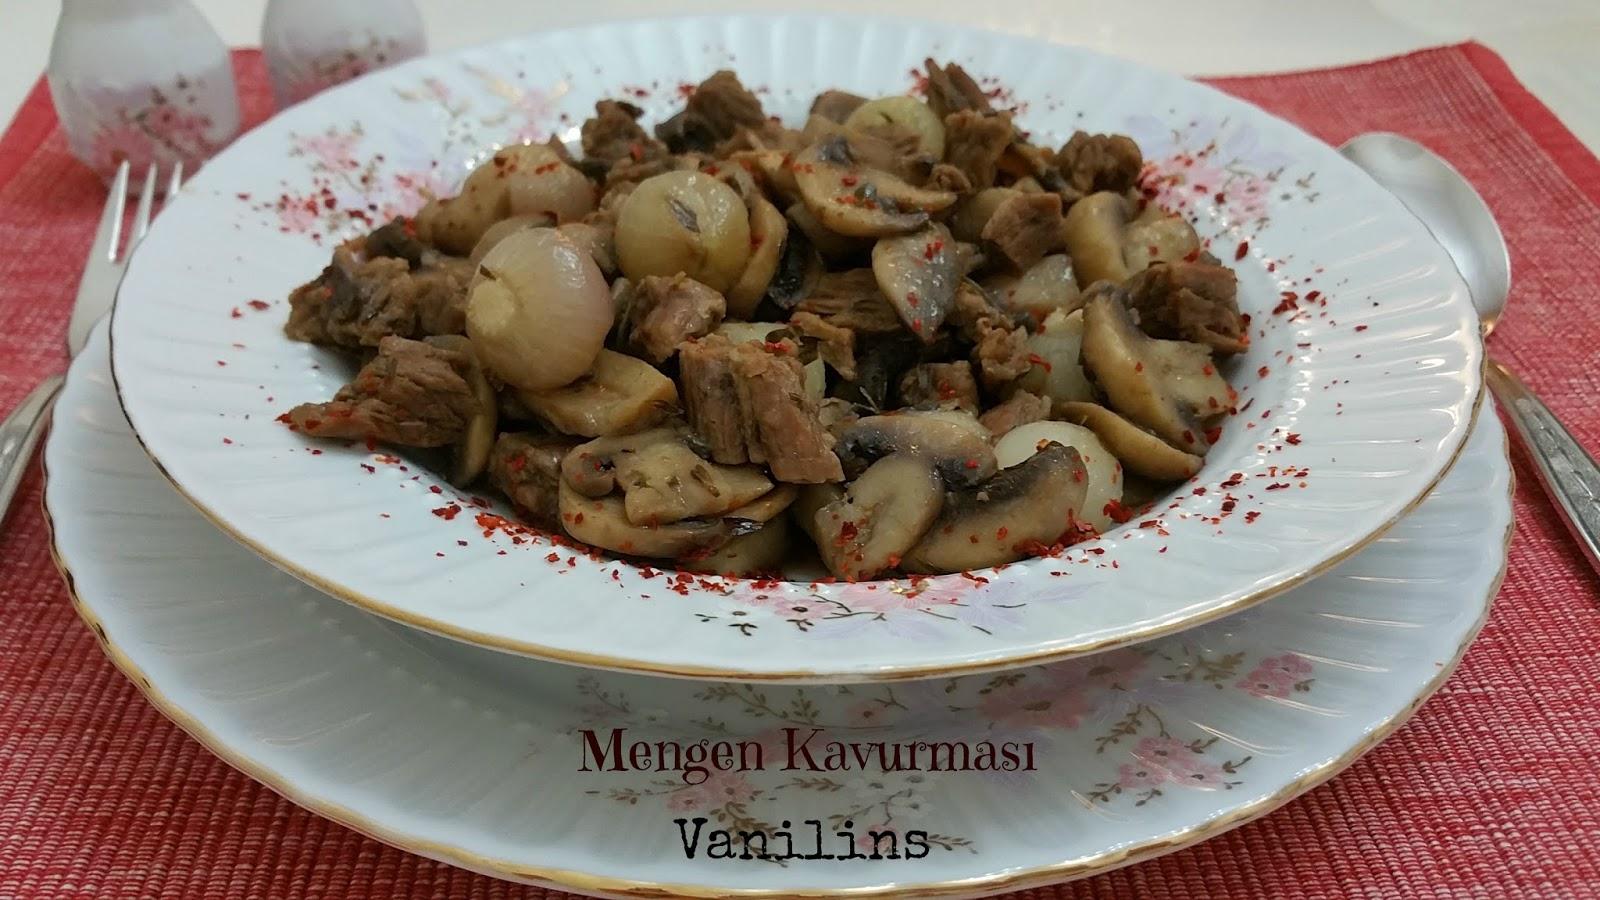 Ev yapımı mengen kebabı tarifi